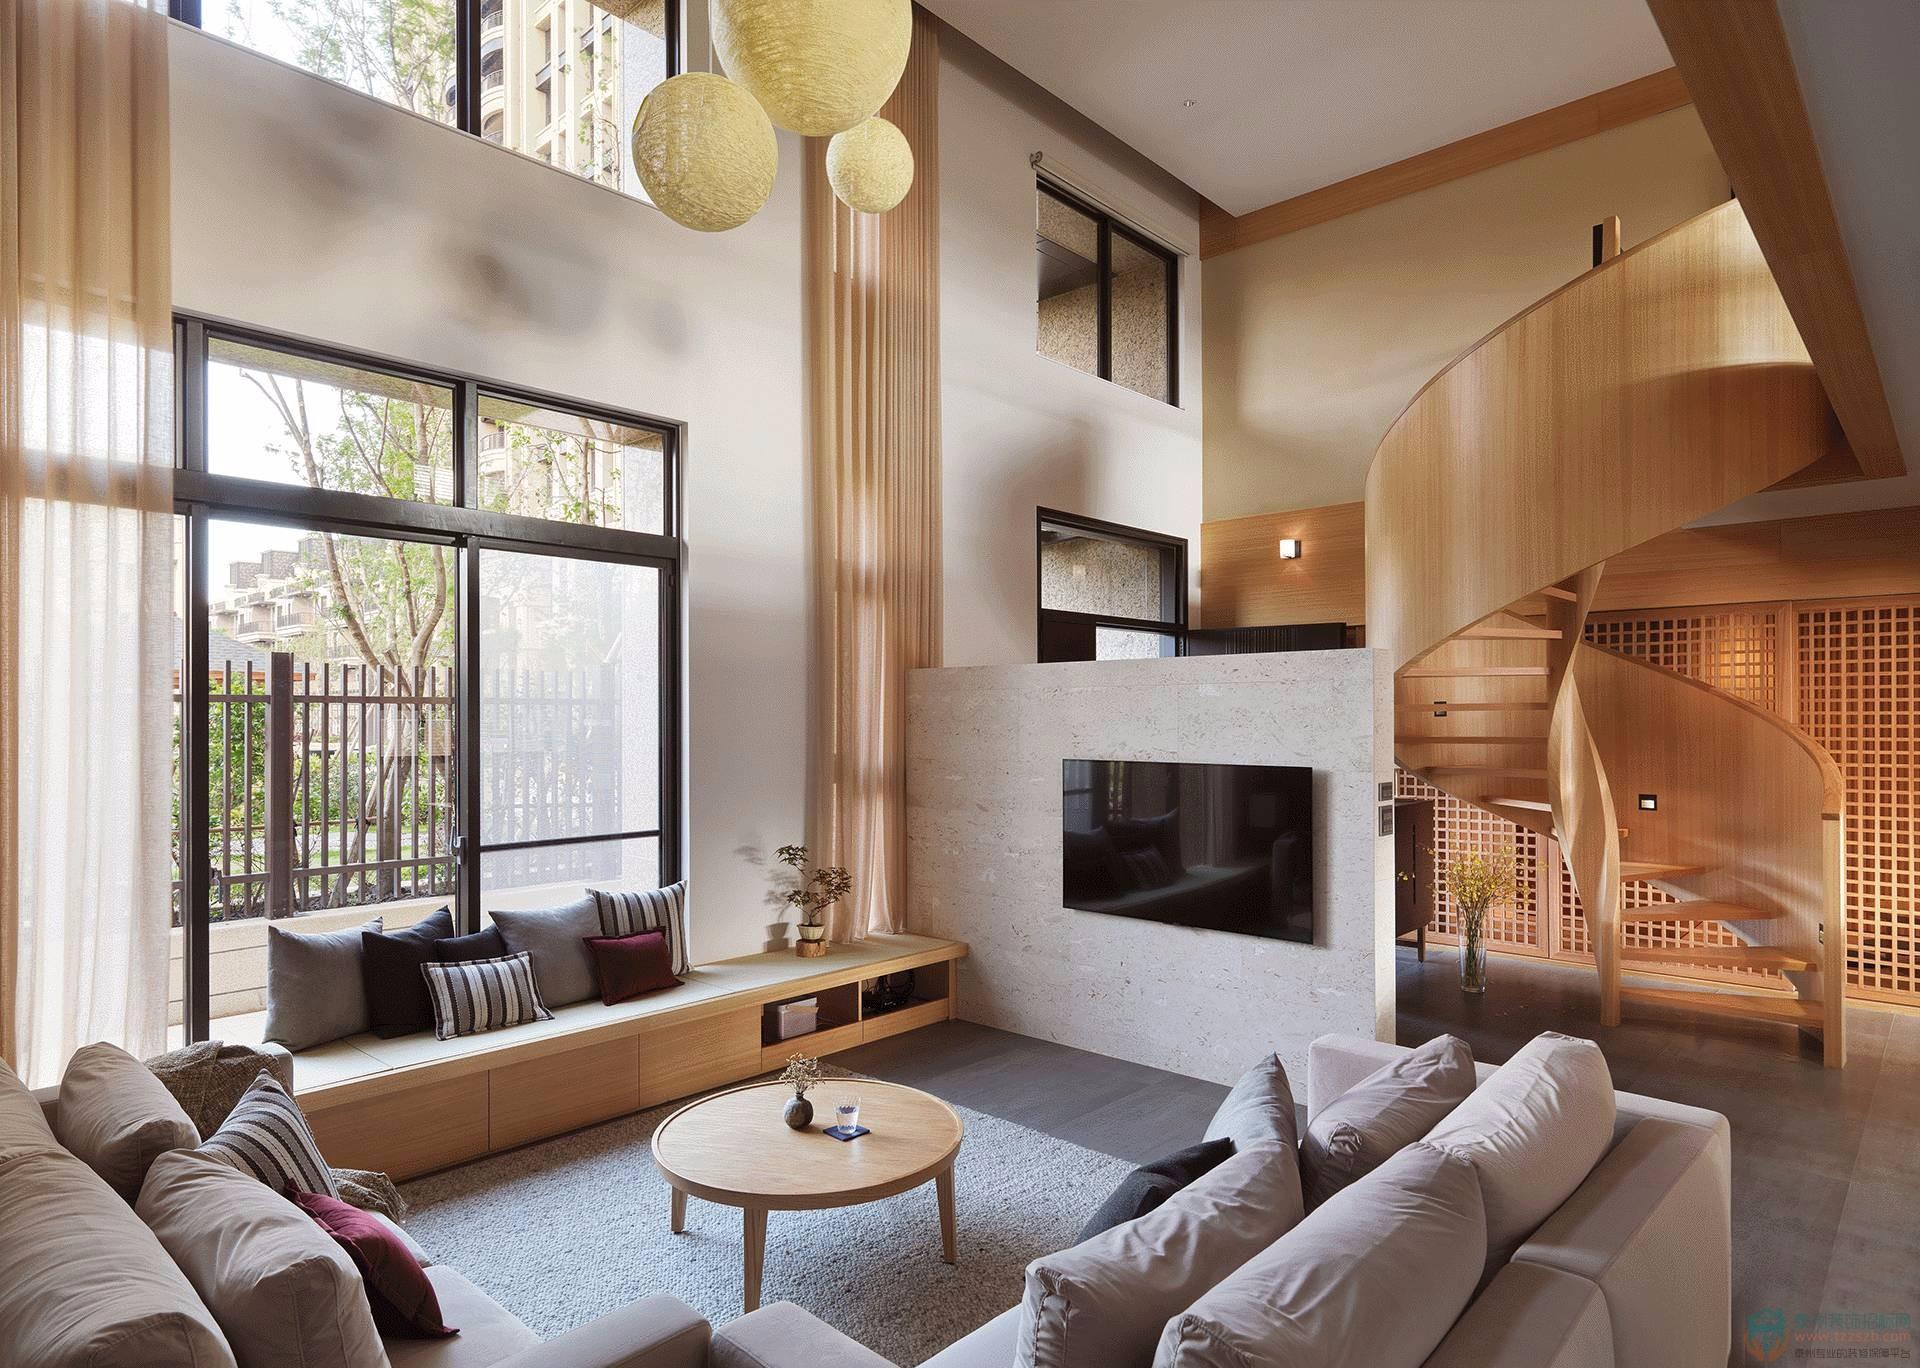 静谧淡雅 日式别墅